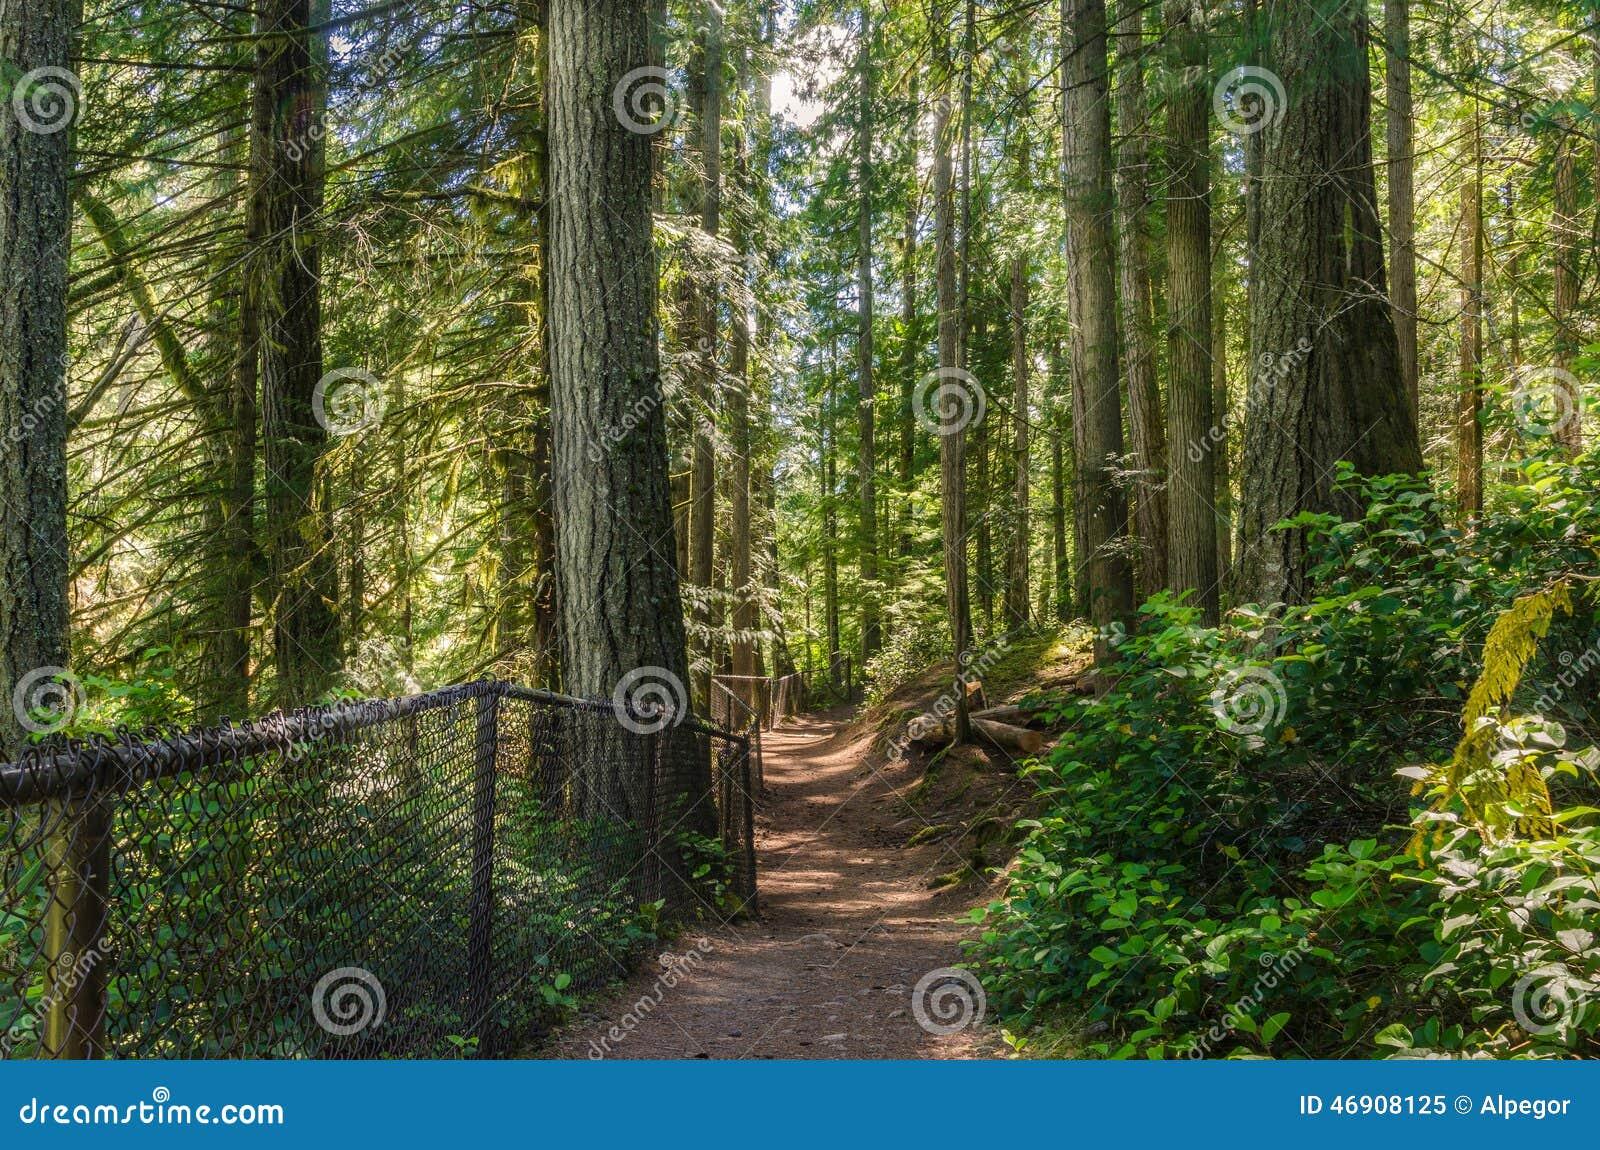 Footpath through a Forest